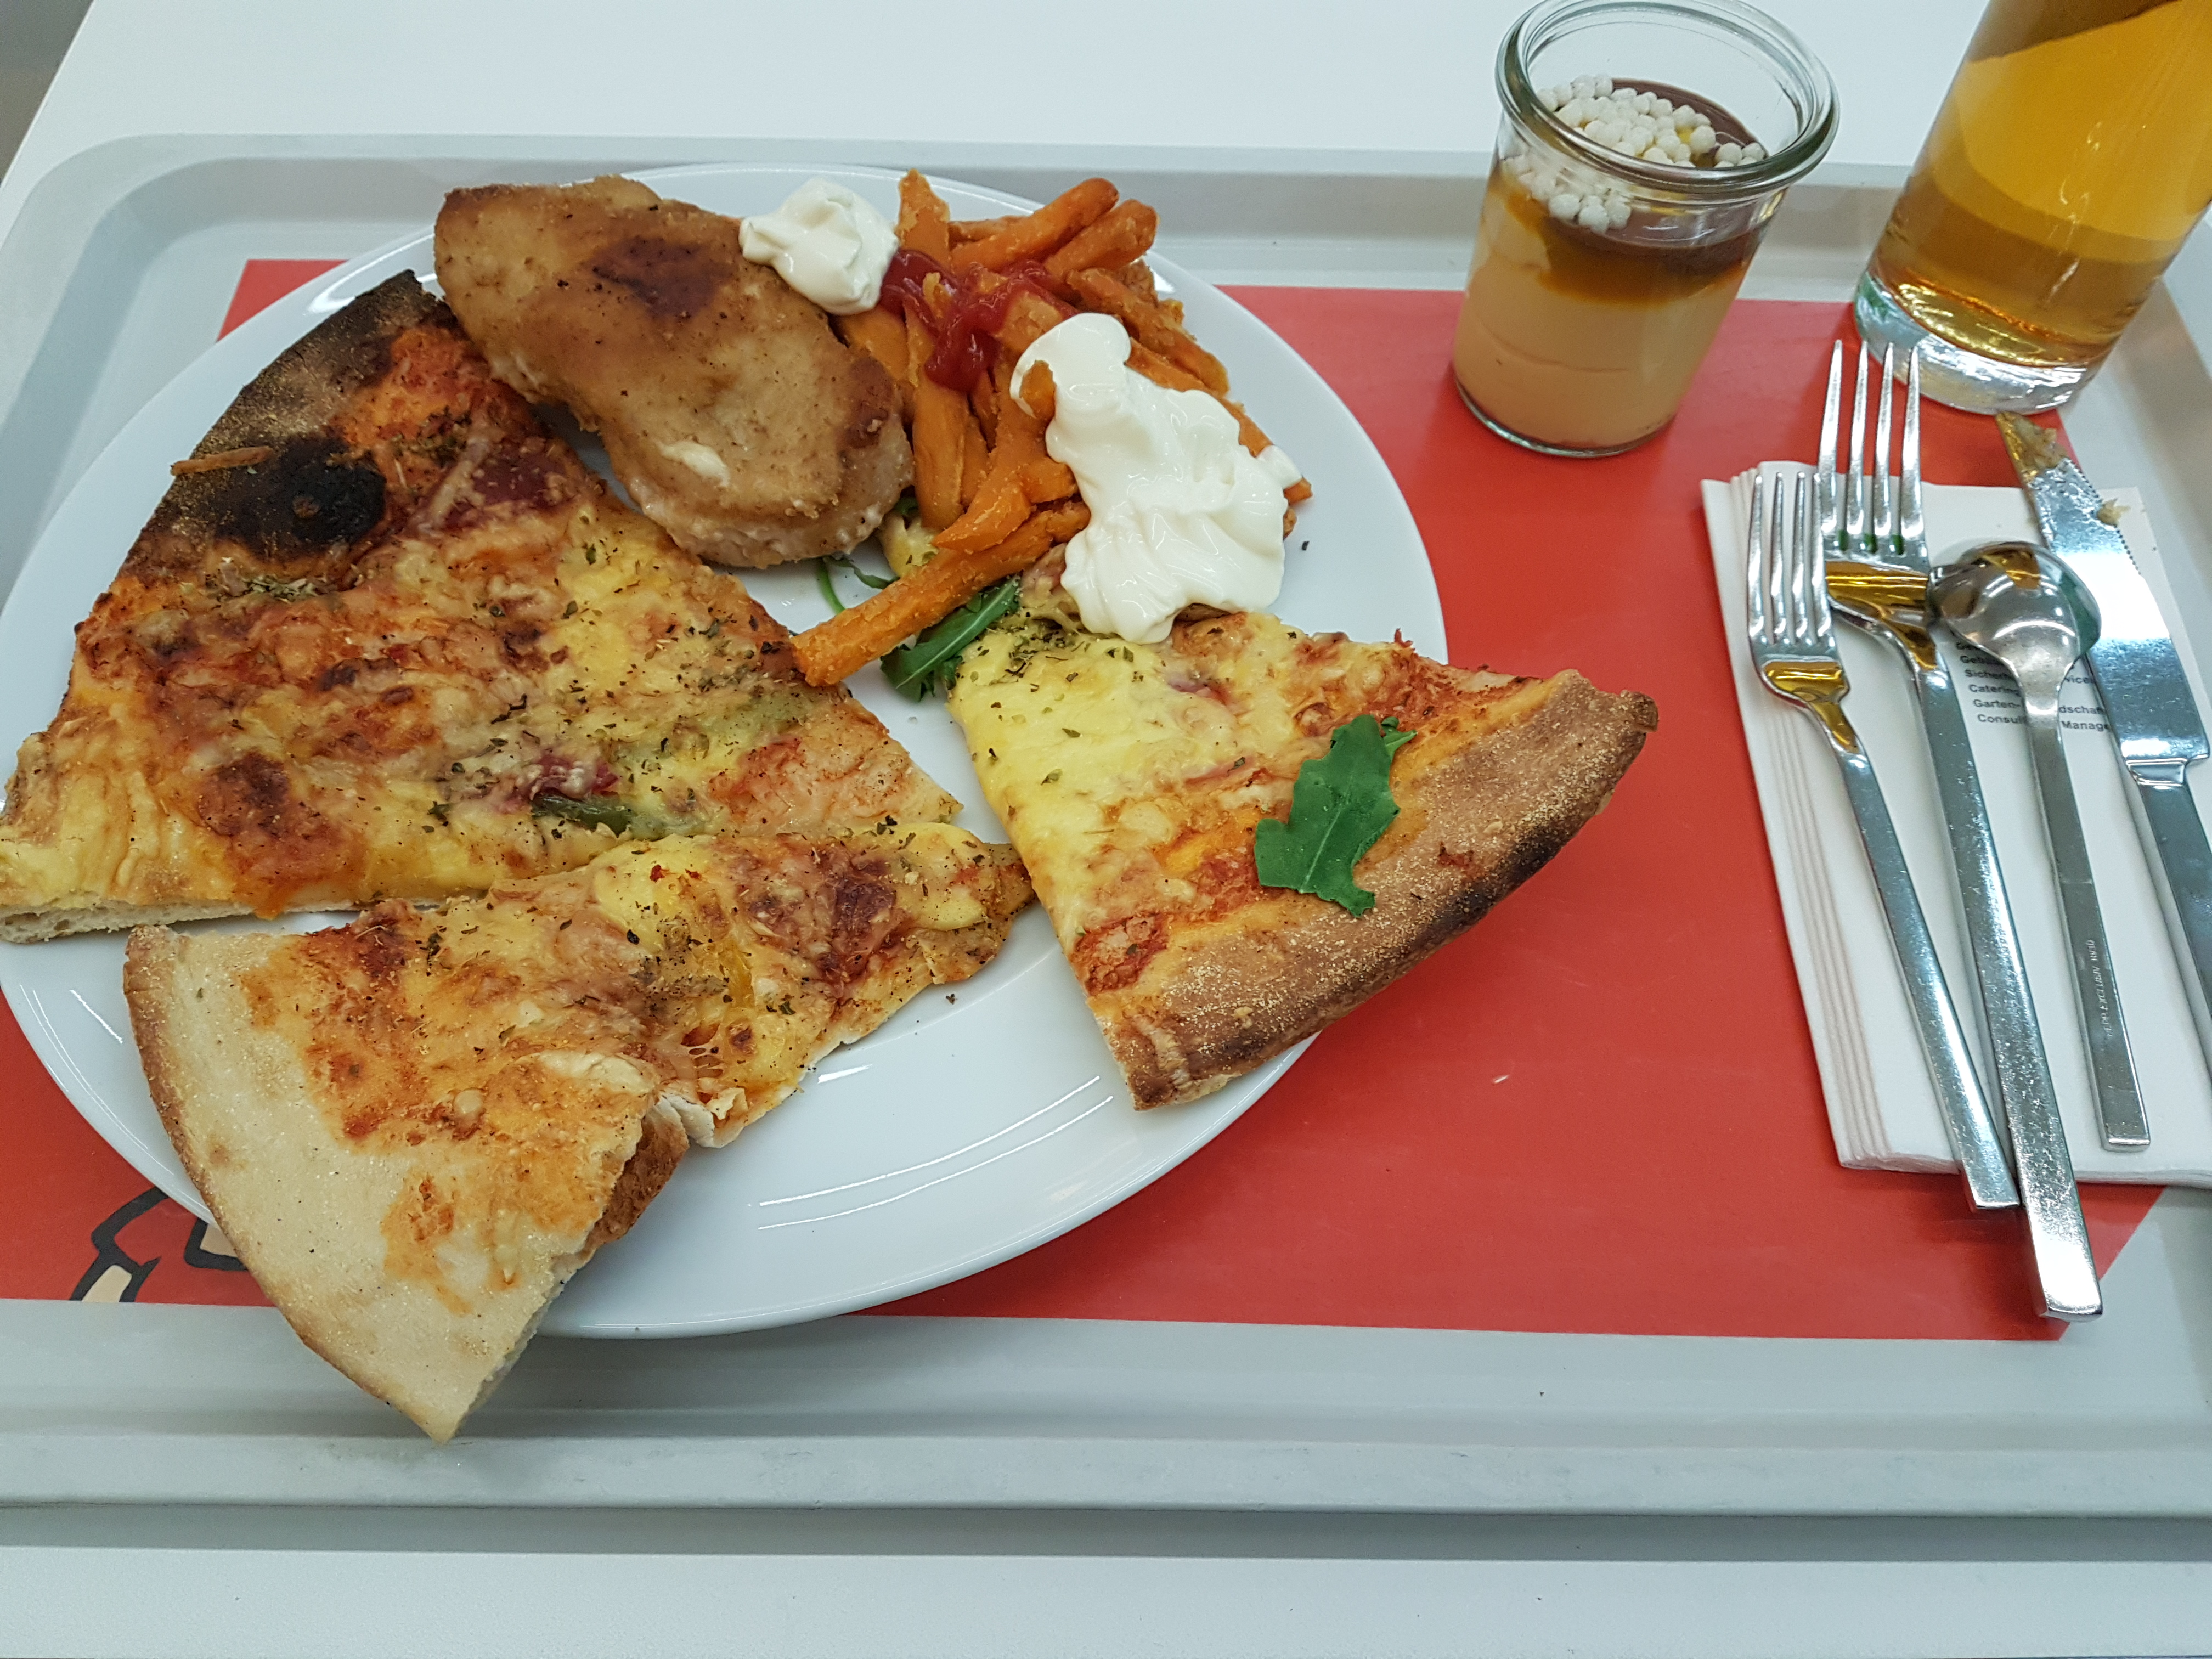 https://foodloader.net/Holz_2018-12-05_Pizza_und_Cordon_bleu_mit_Suesskartoffelpommes.jpg